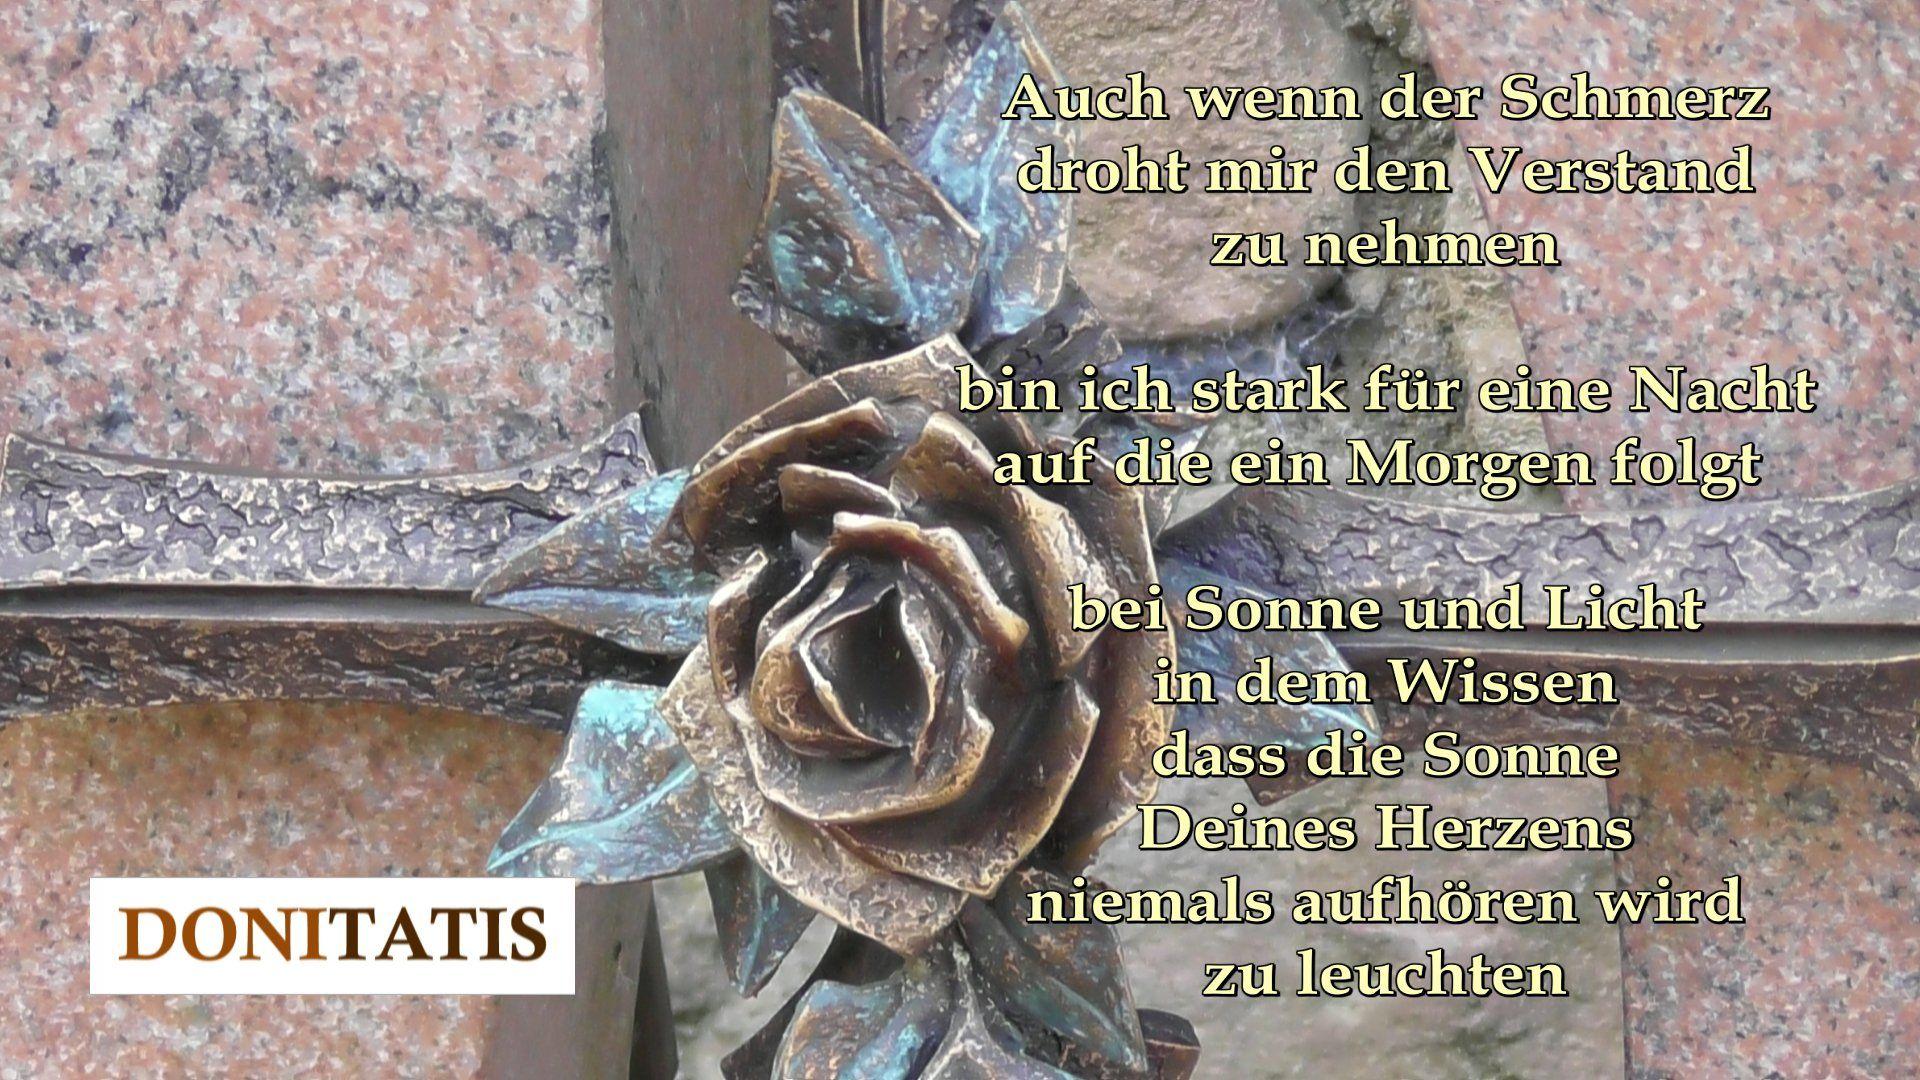 Beileidswunsche Fur Karten: Suchen Sie Bewegende Sprüche, Verse, Gedichte Und